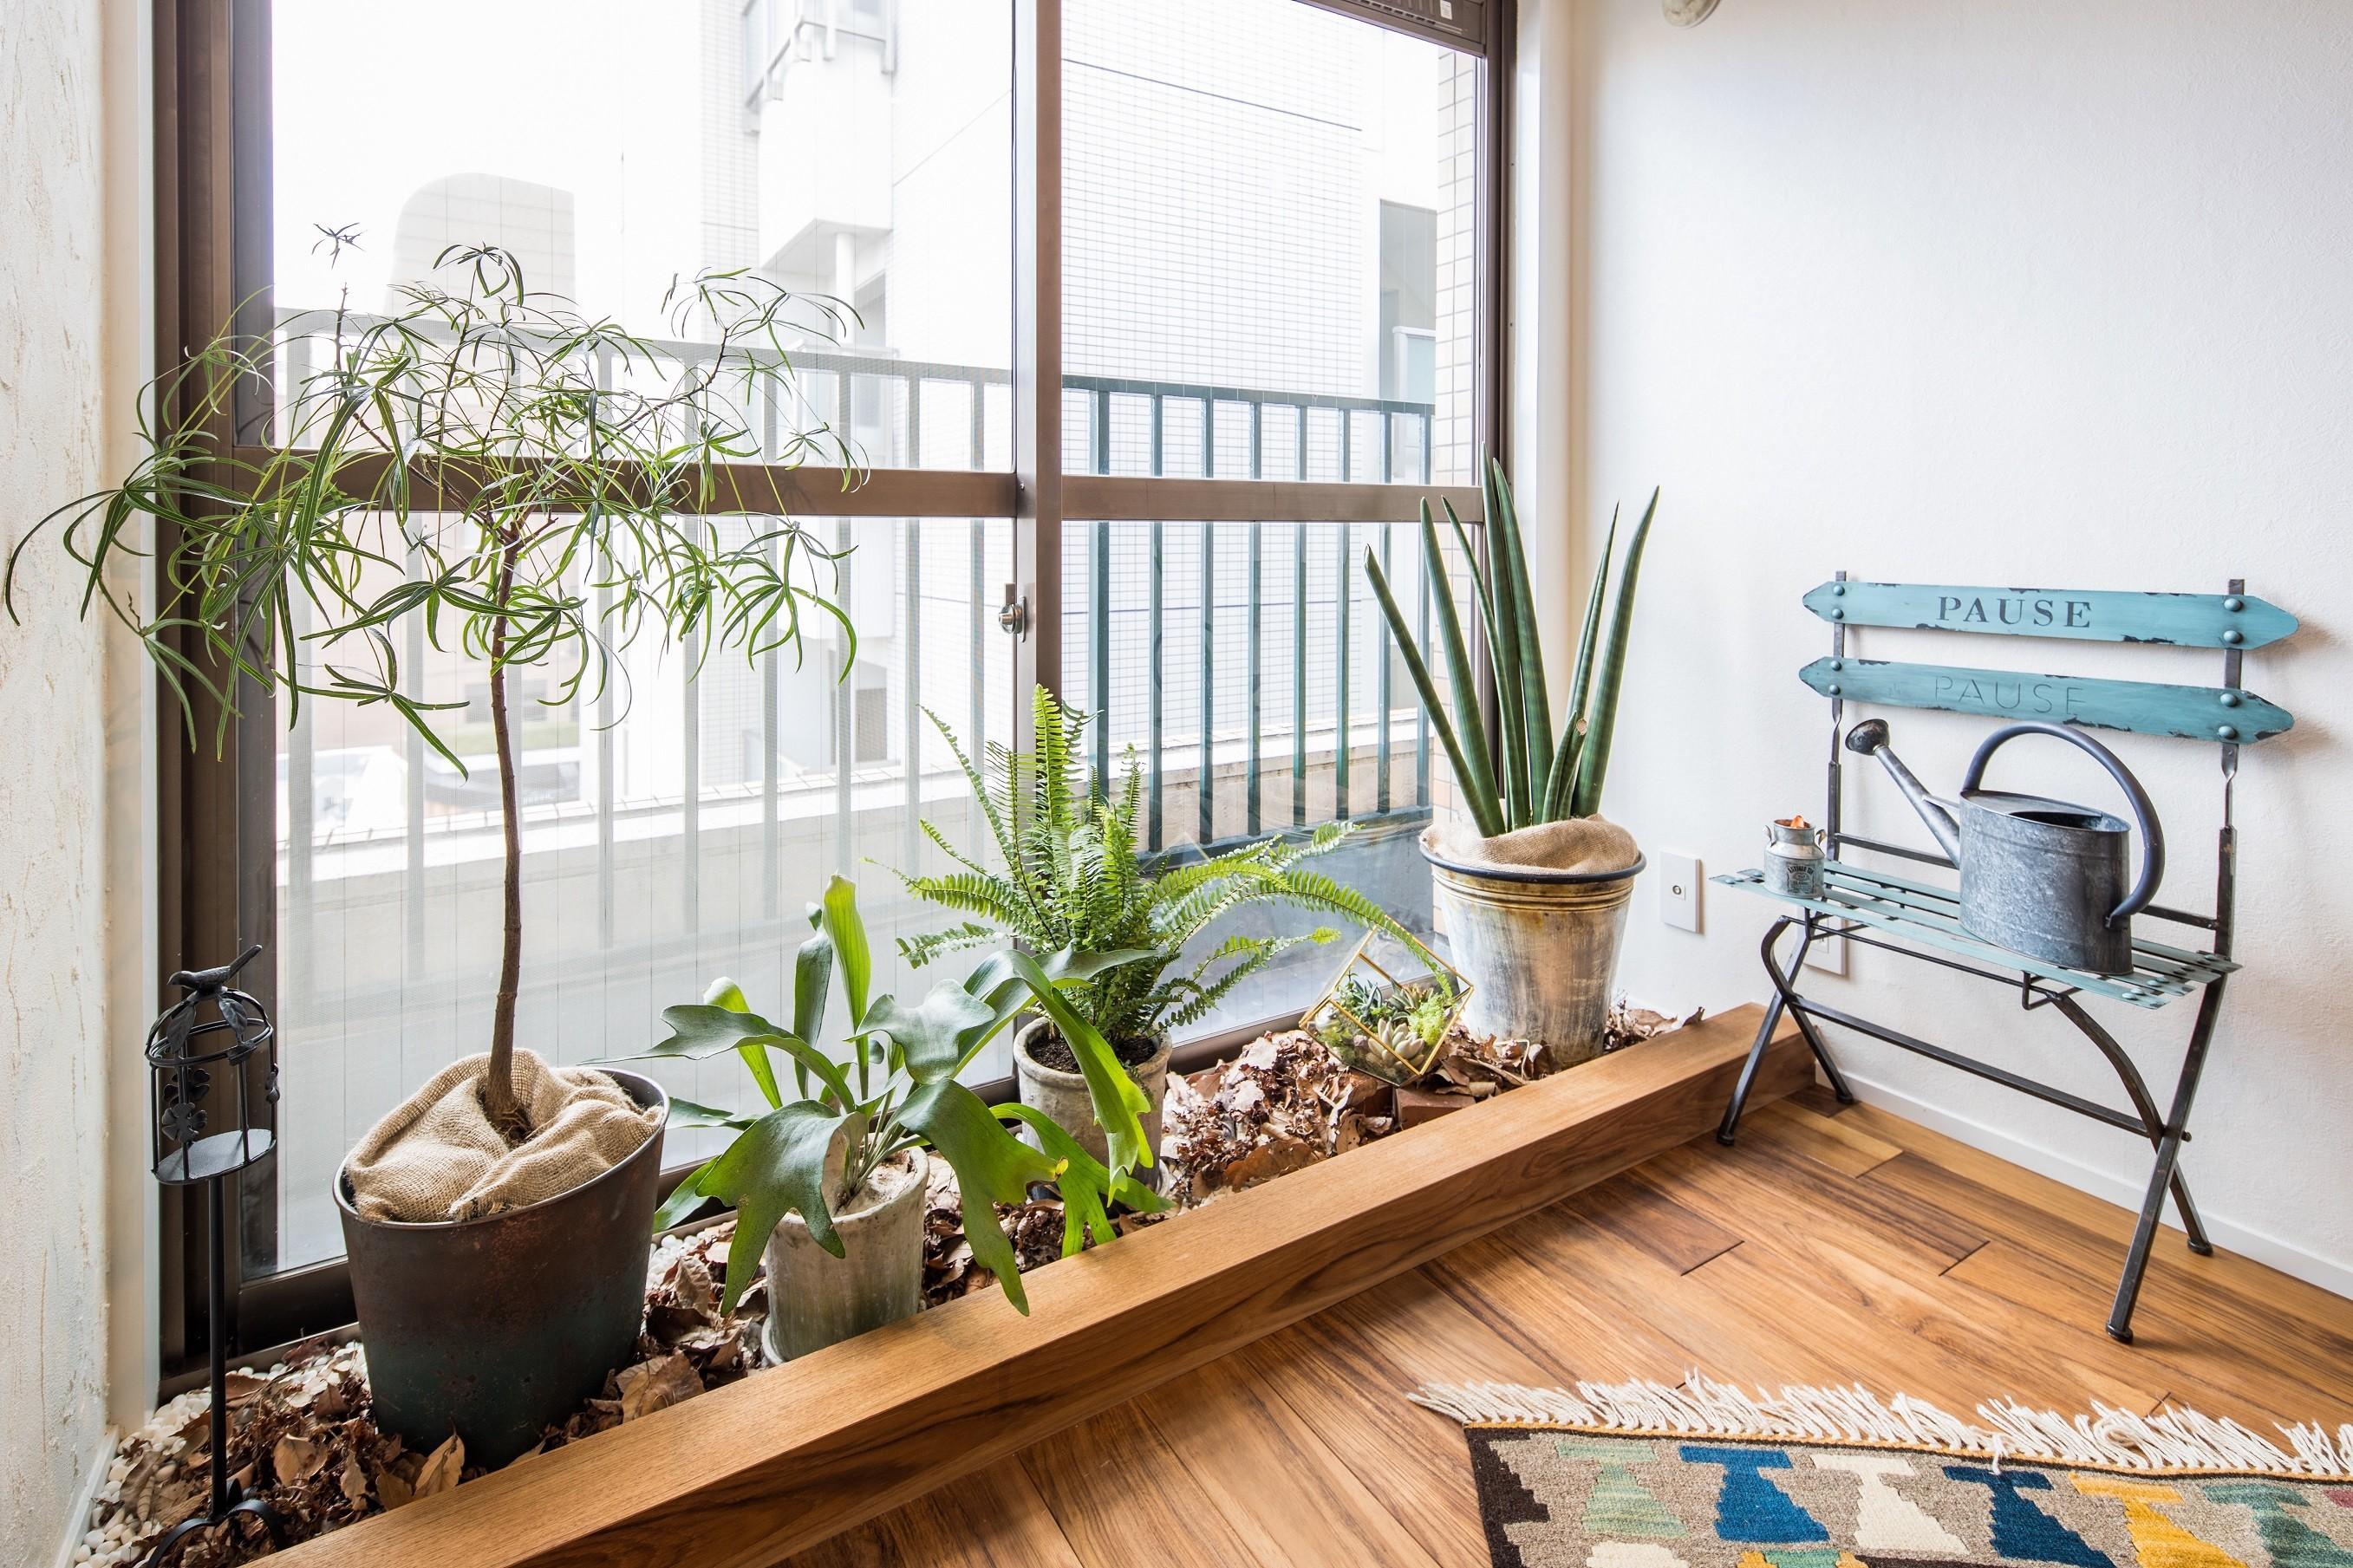 リビングダイニング事例:窓際には観葉植物コーナー(アウトドアリビングの暮らしを楽しめる家)